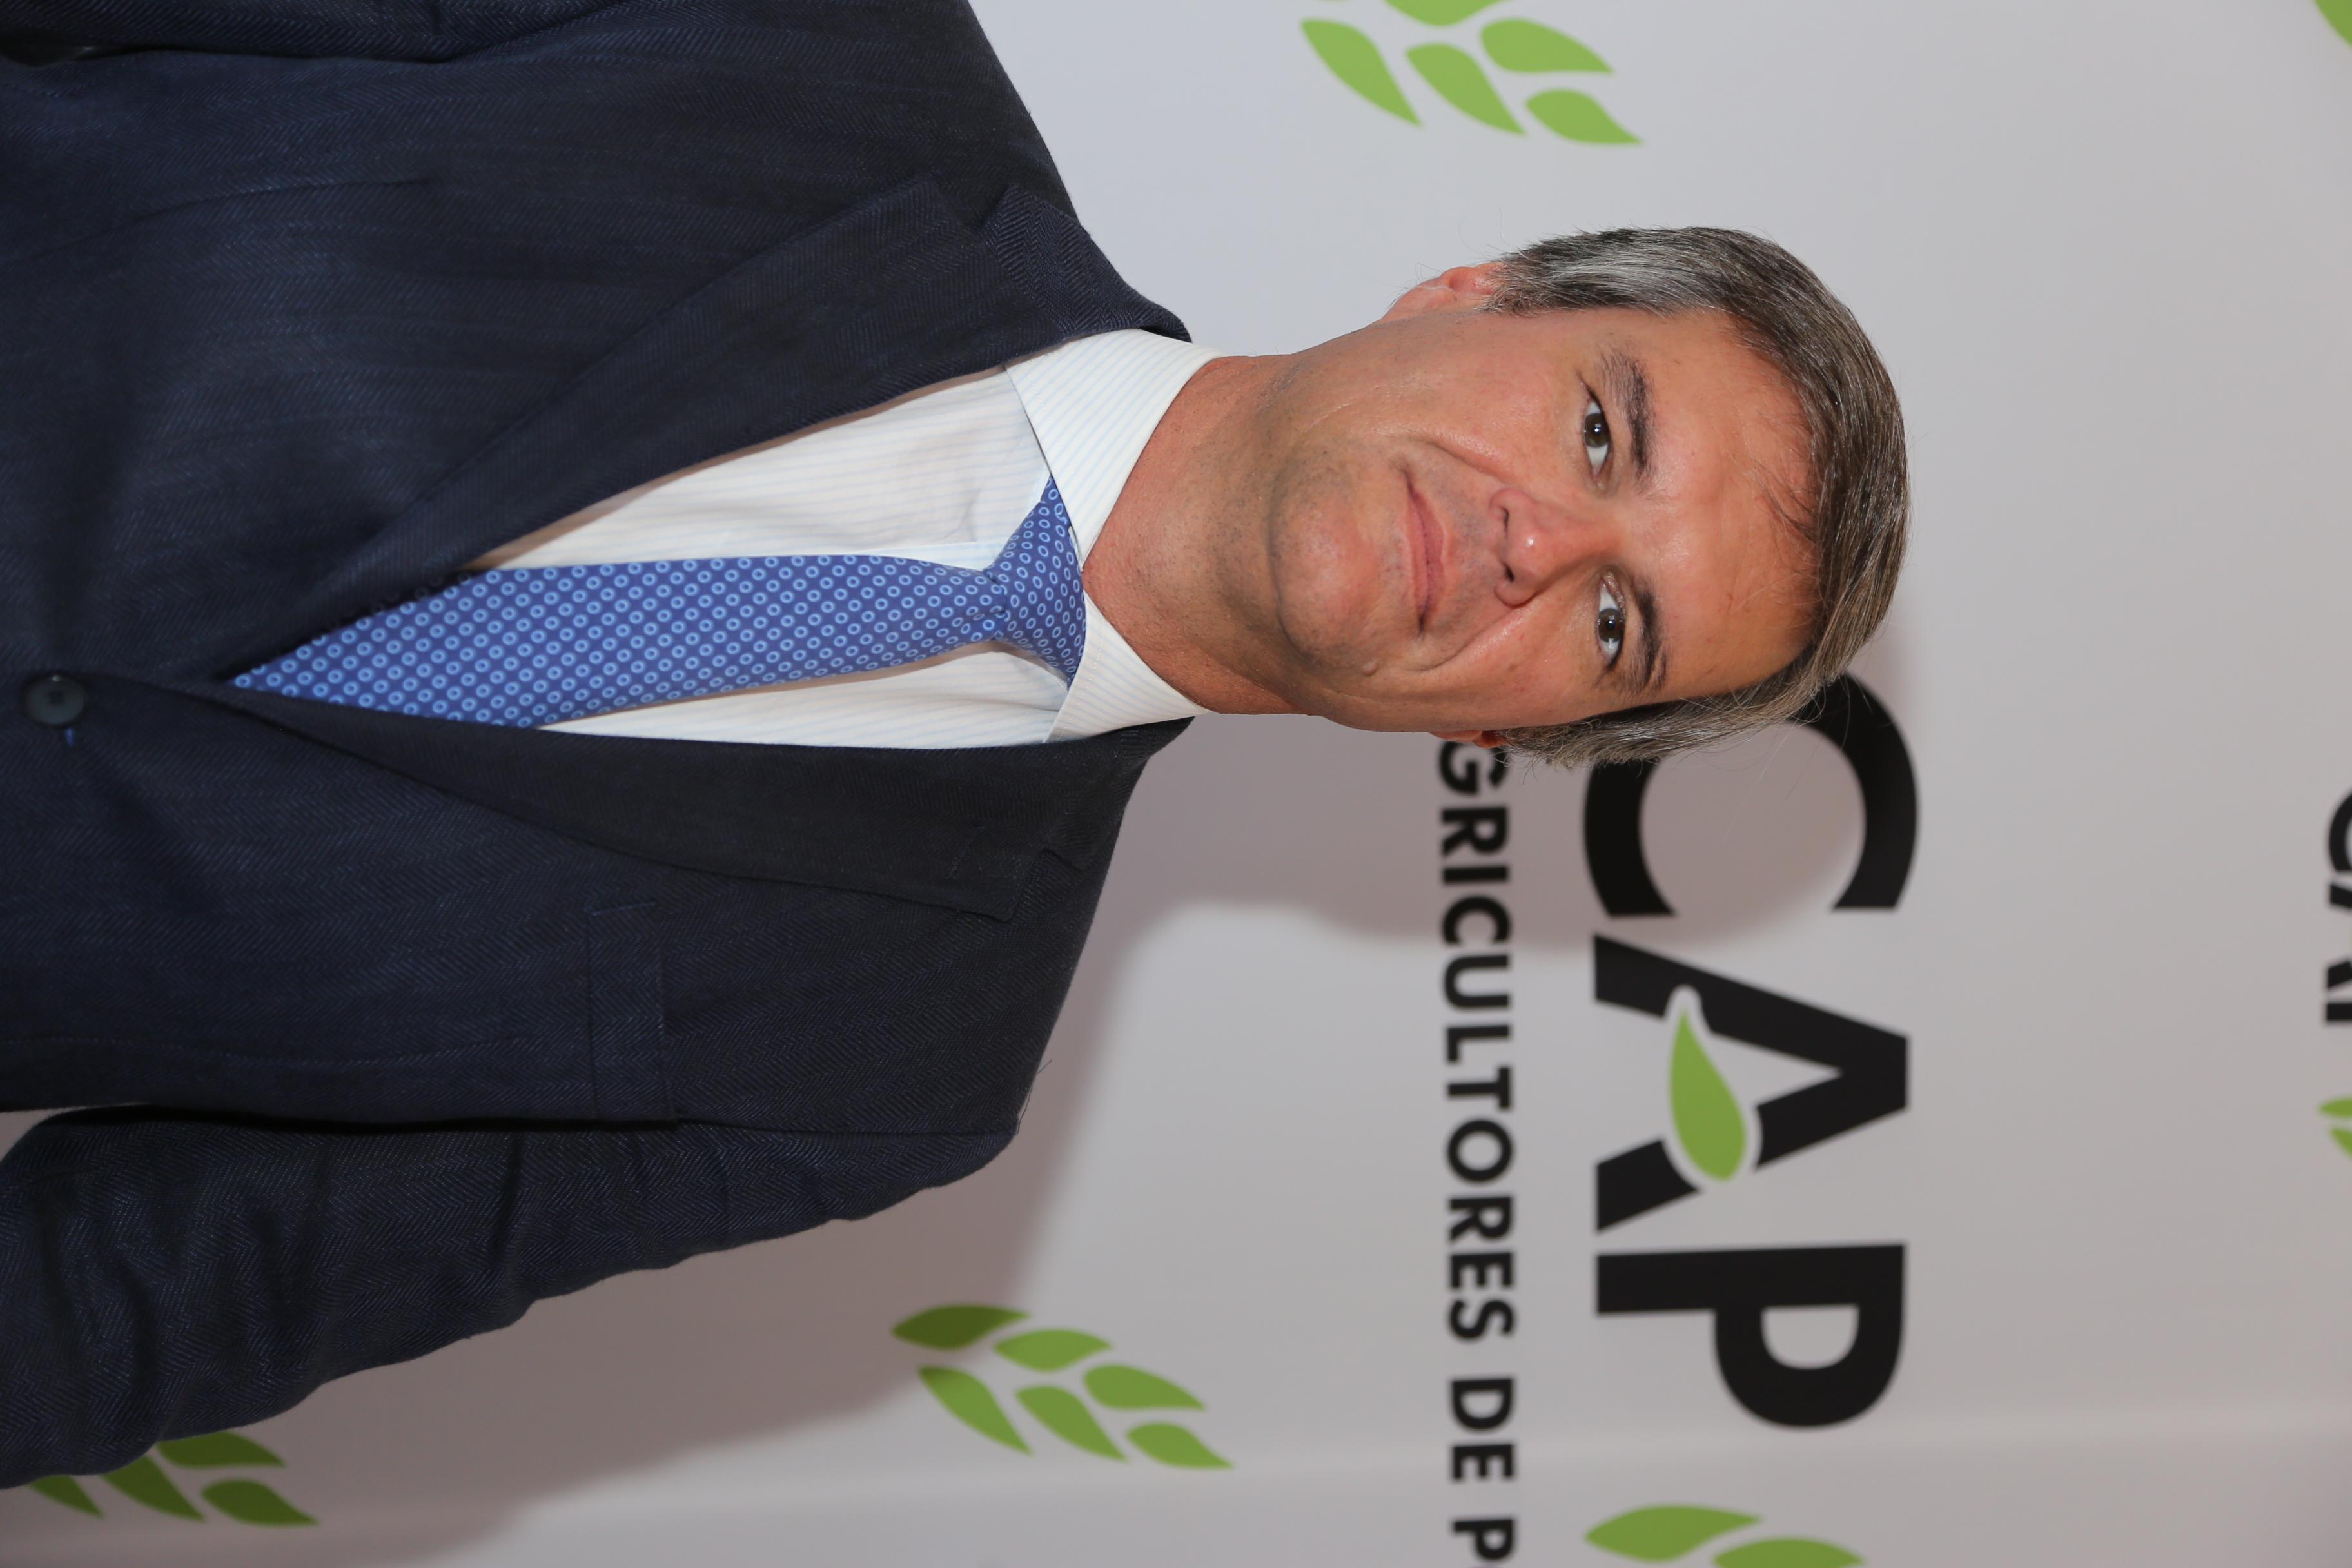 José de Sousa Carvalho Pereira Palha